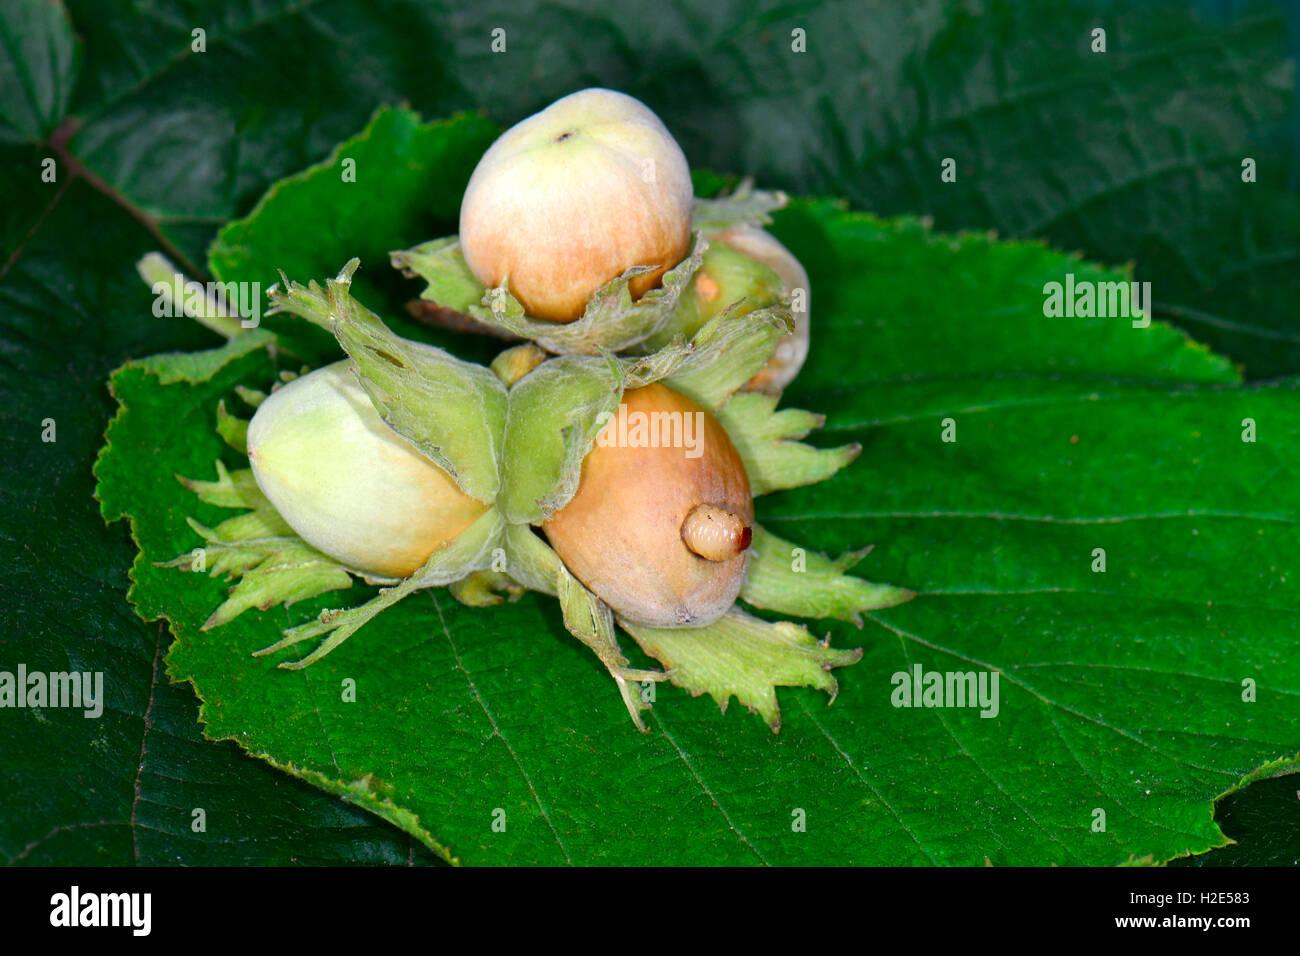 ground beetle larva stock photos  u0026 ground beetle larva